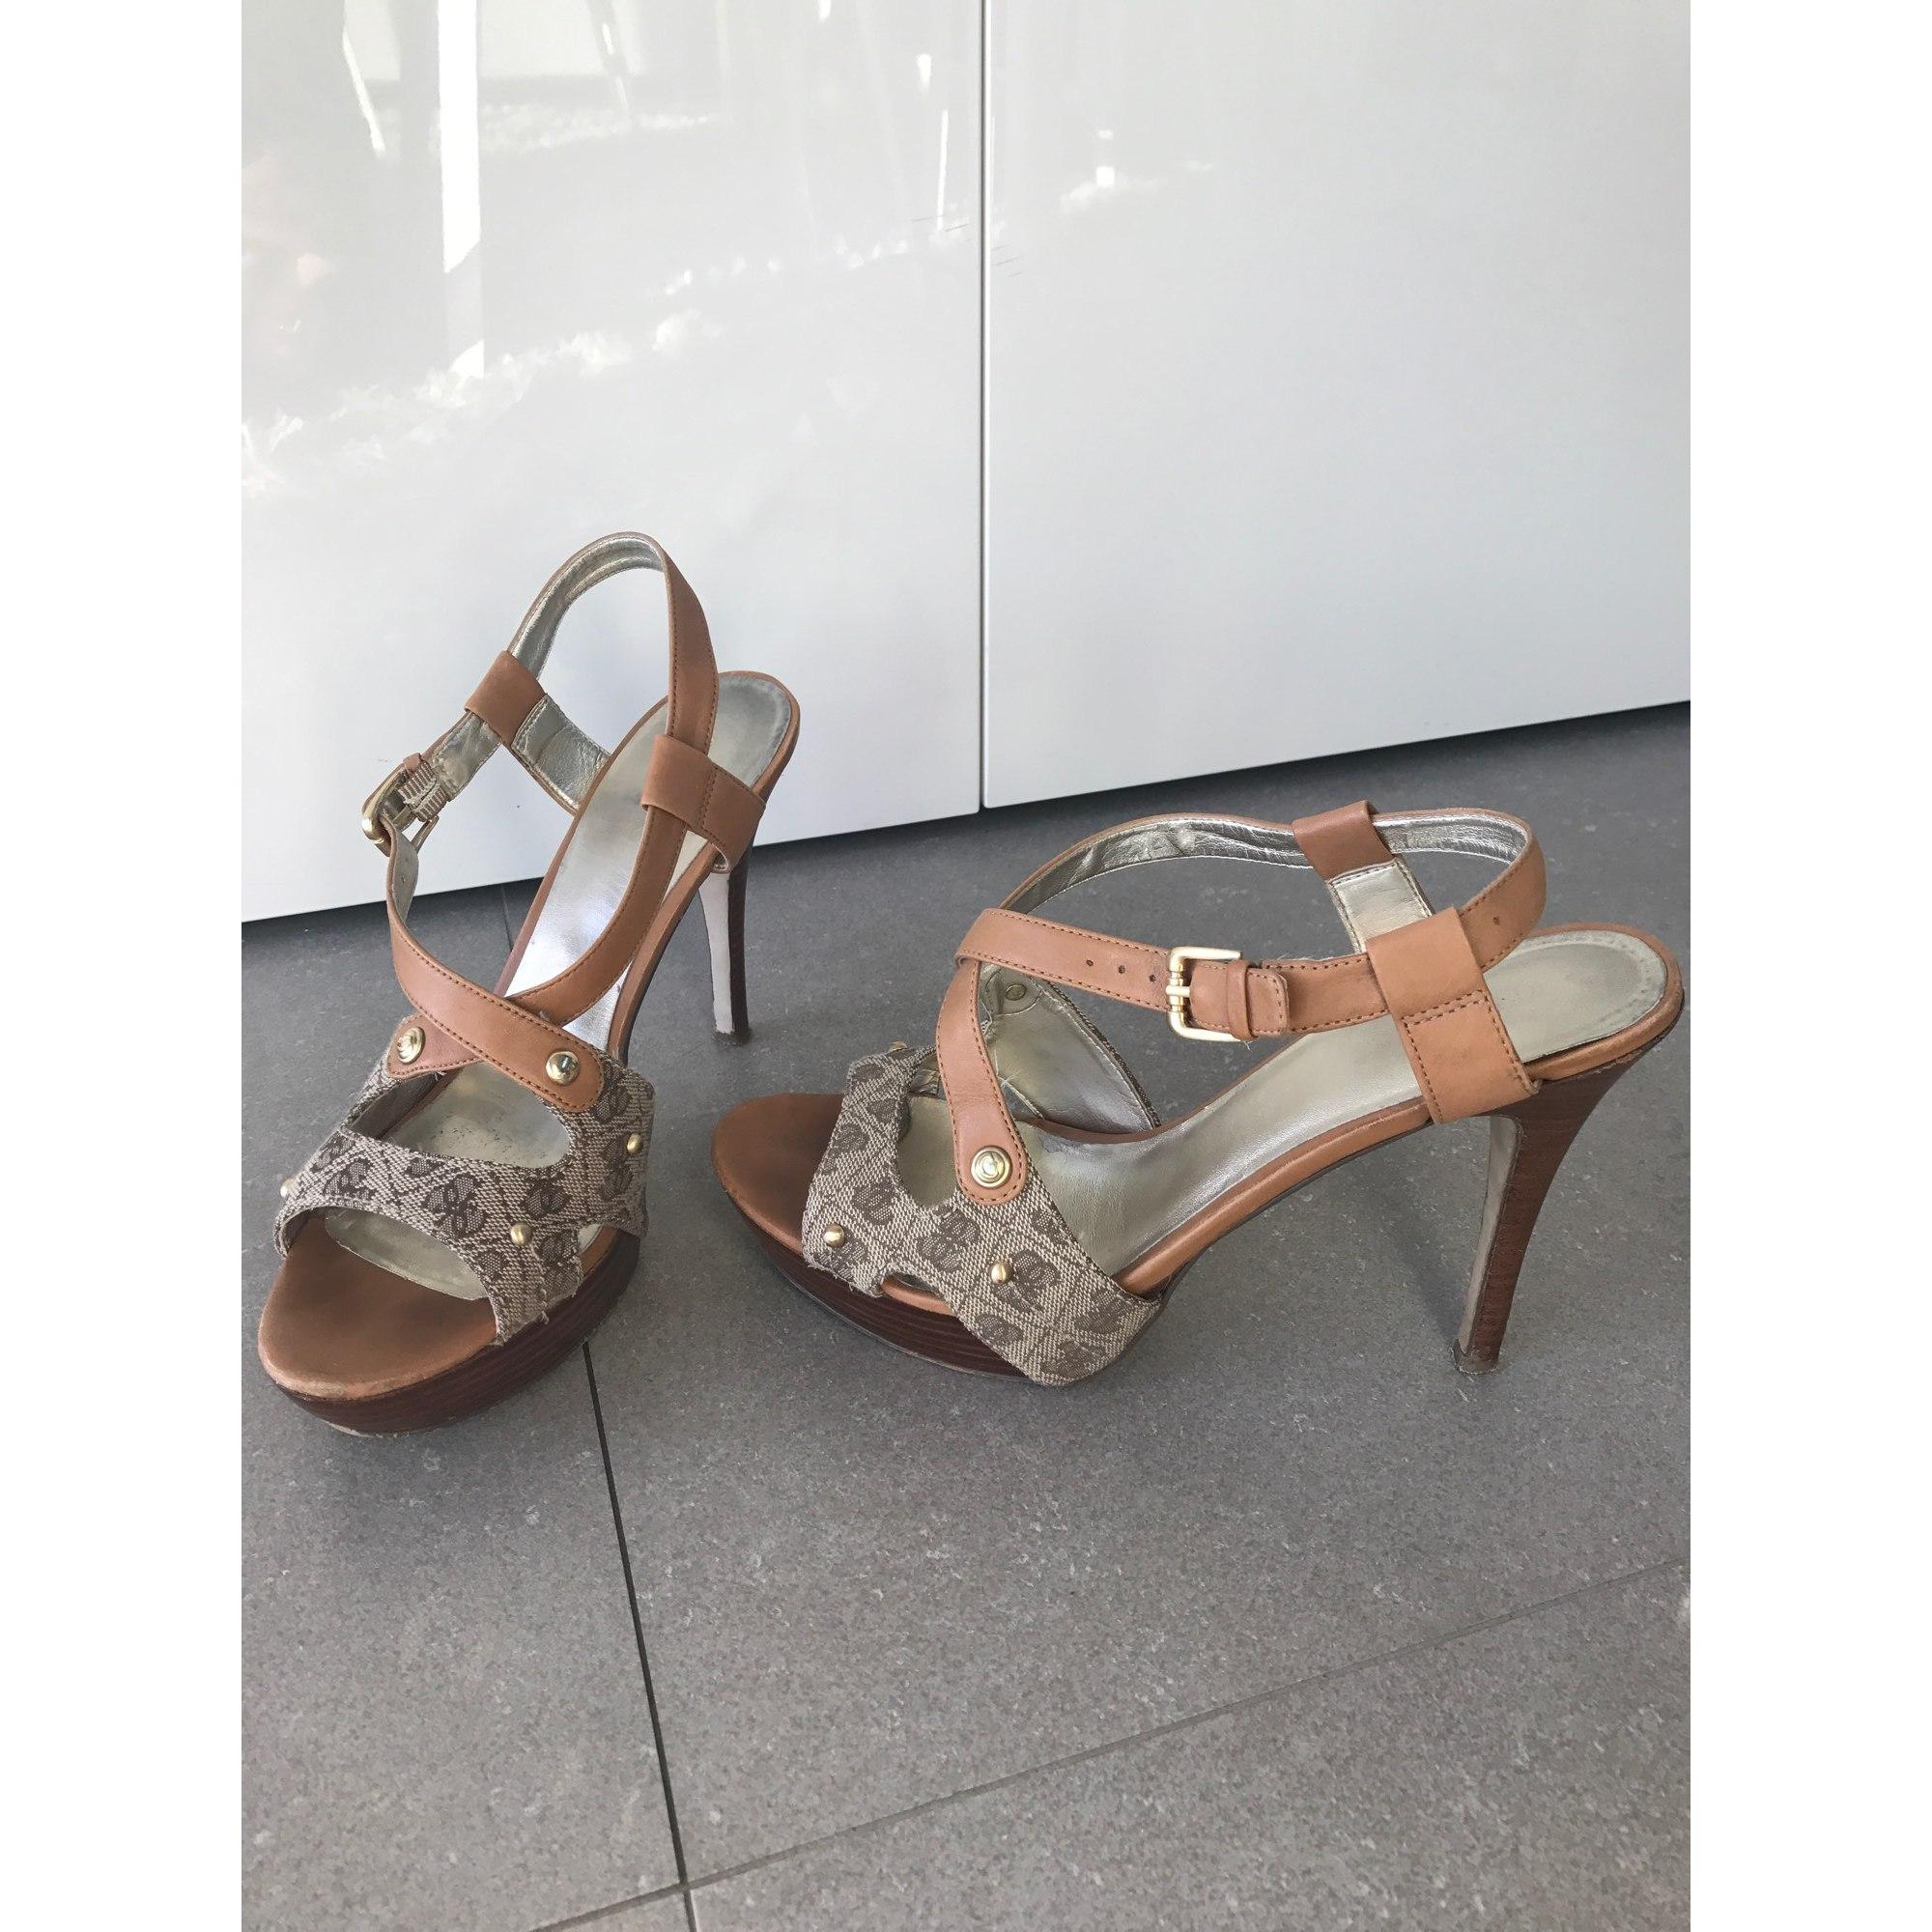 Sandales à talons GUESS Beige, camel